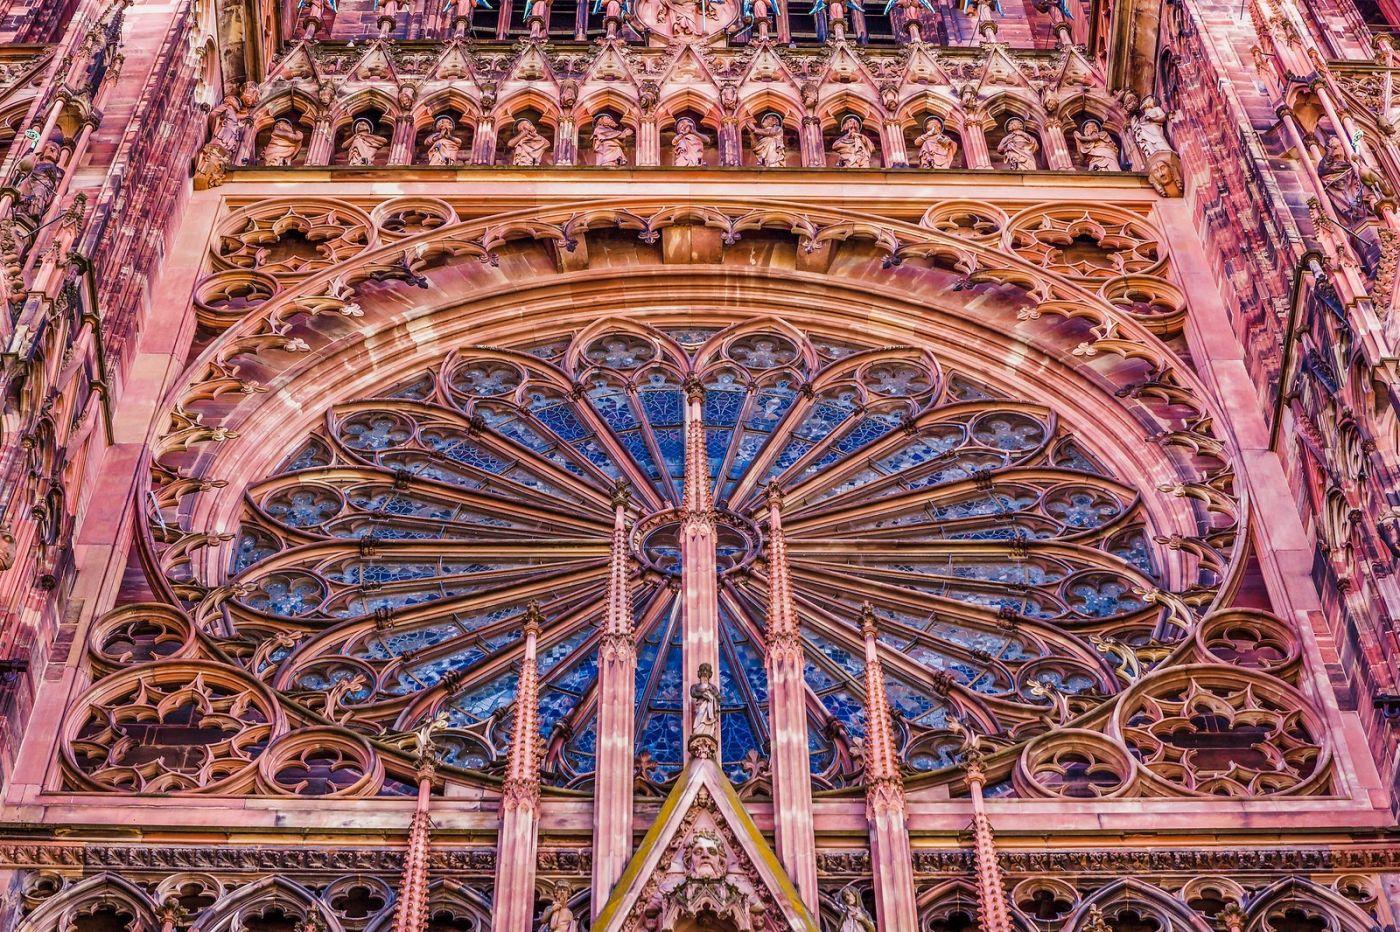 法国斯特拉斯堡(Strasbourg),八百年的主教堂_图1-5